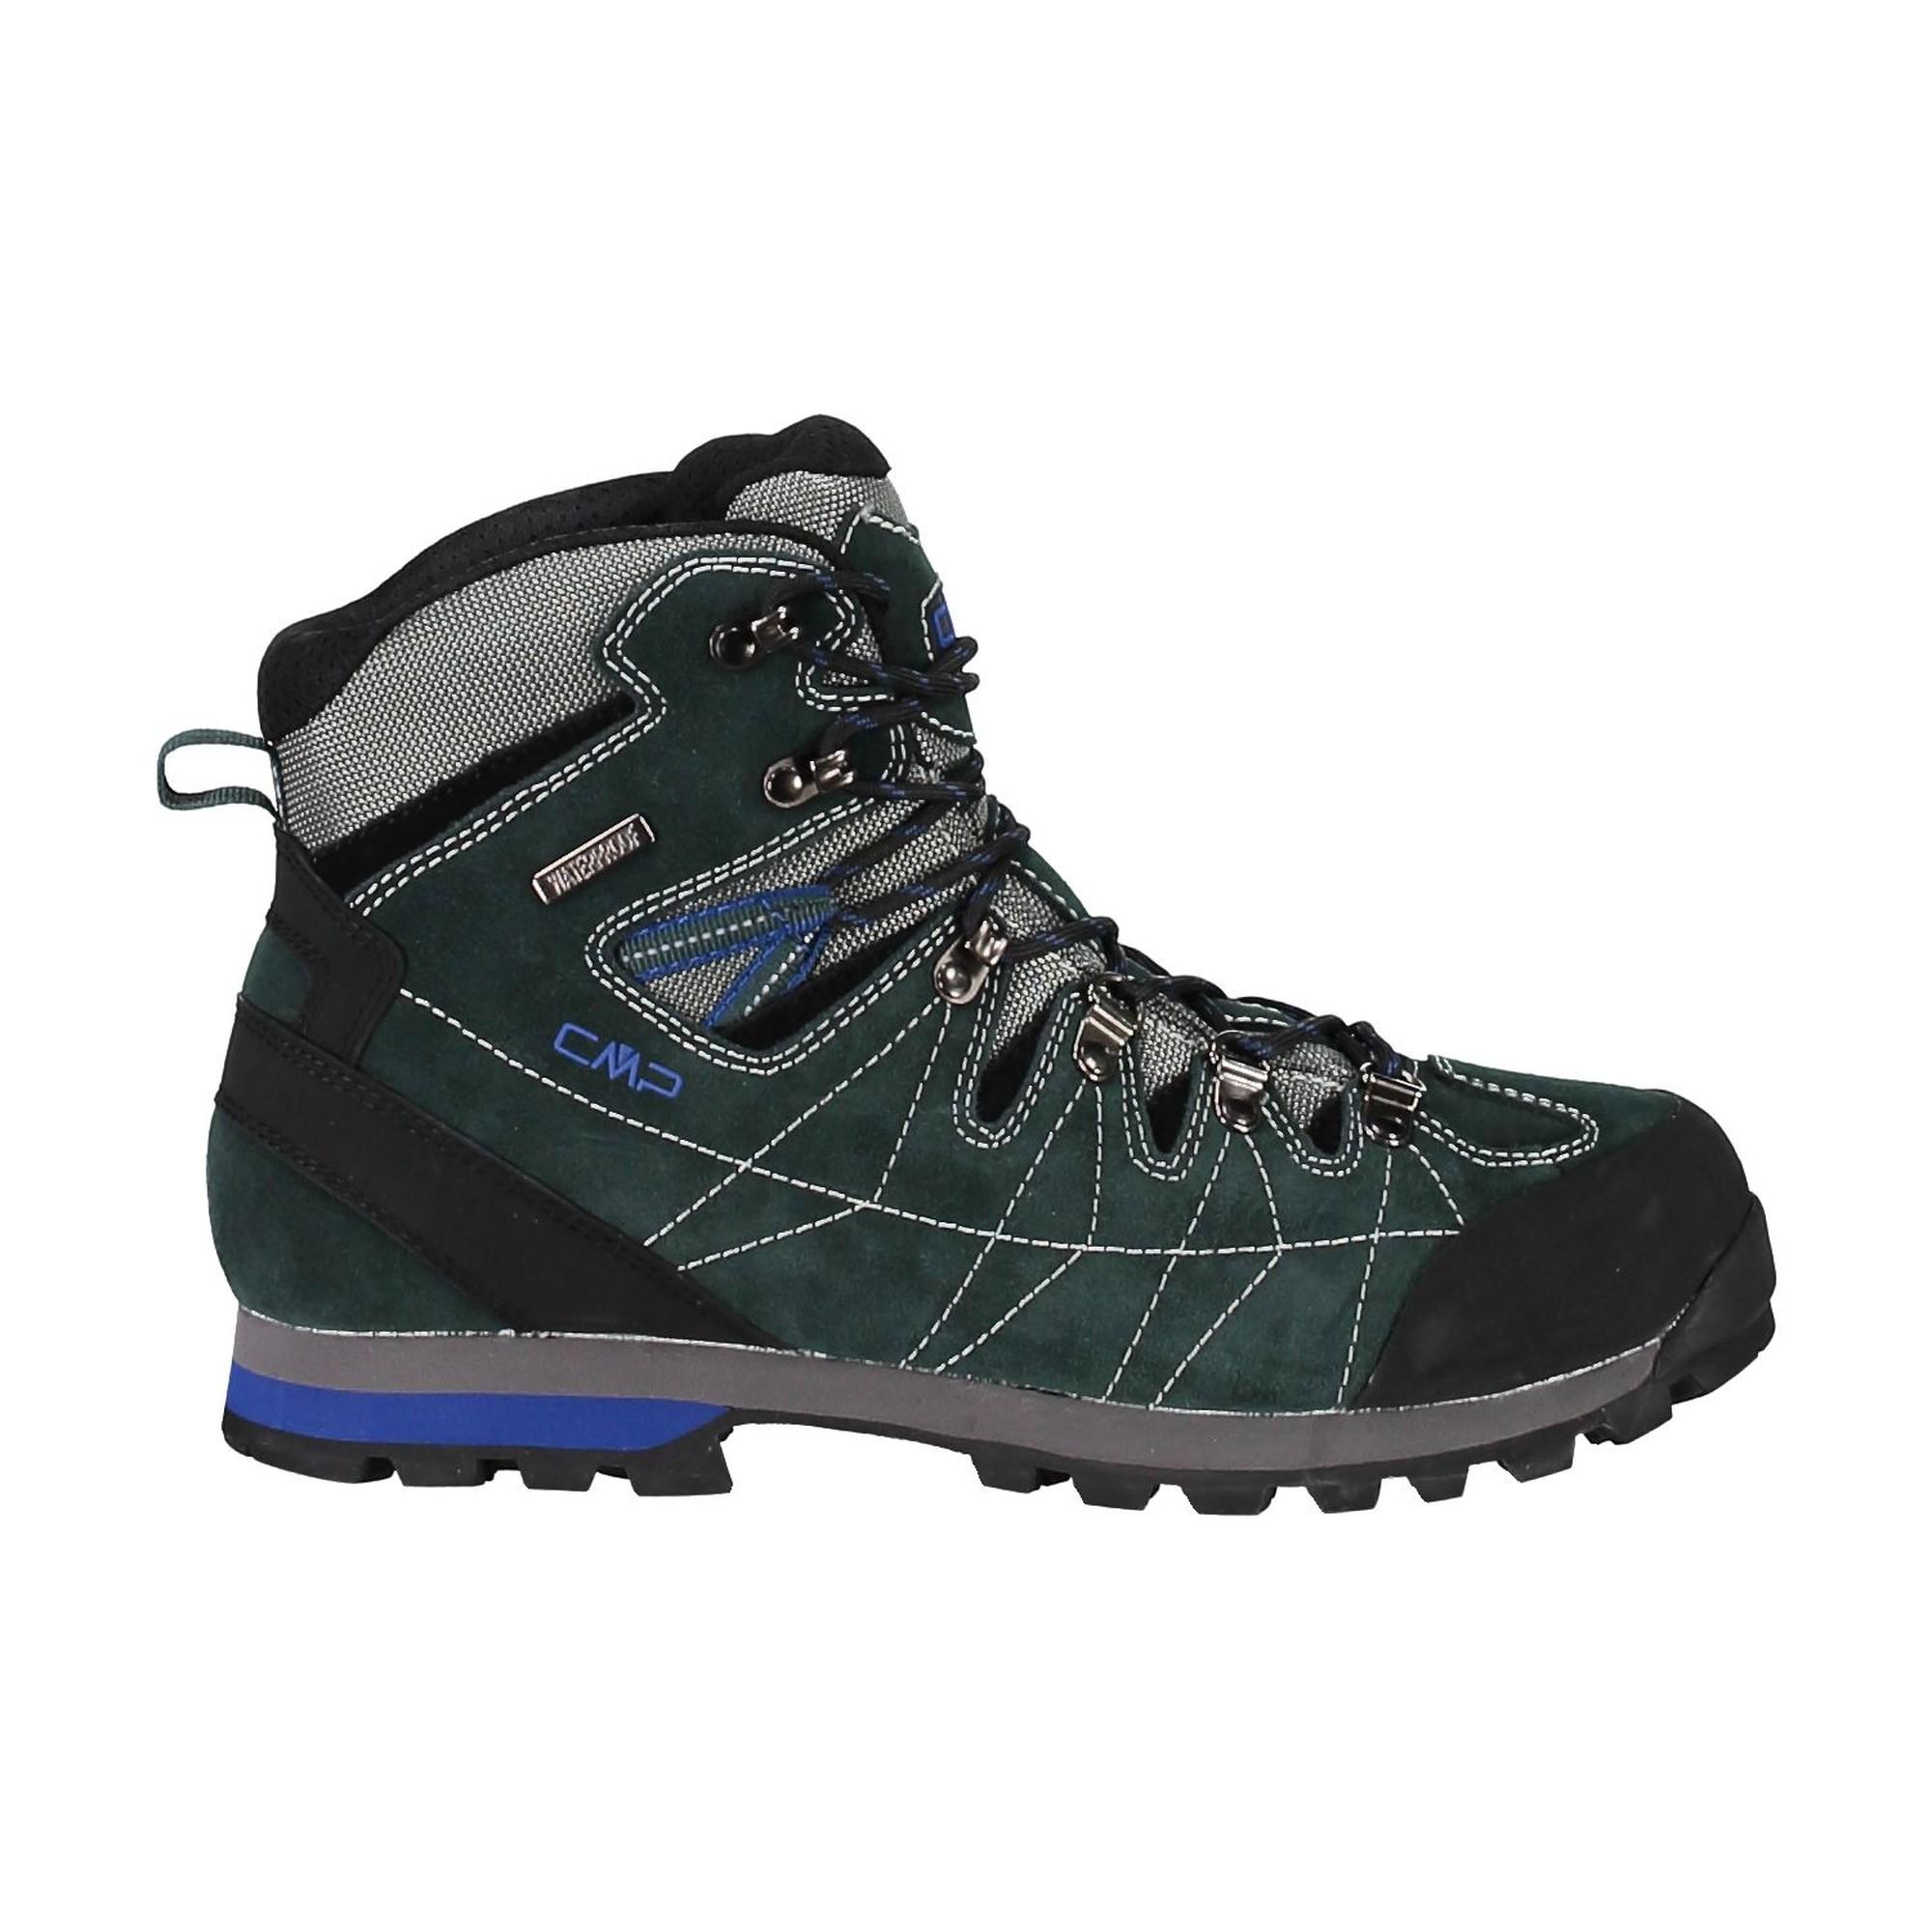 Trekking Outdoorschuh Dunkelgrün Cmp Zu Details Shoes Trekkingschuhe Wp Arietis IY7fby6vg